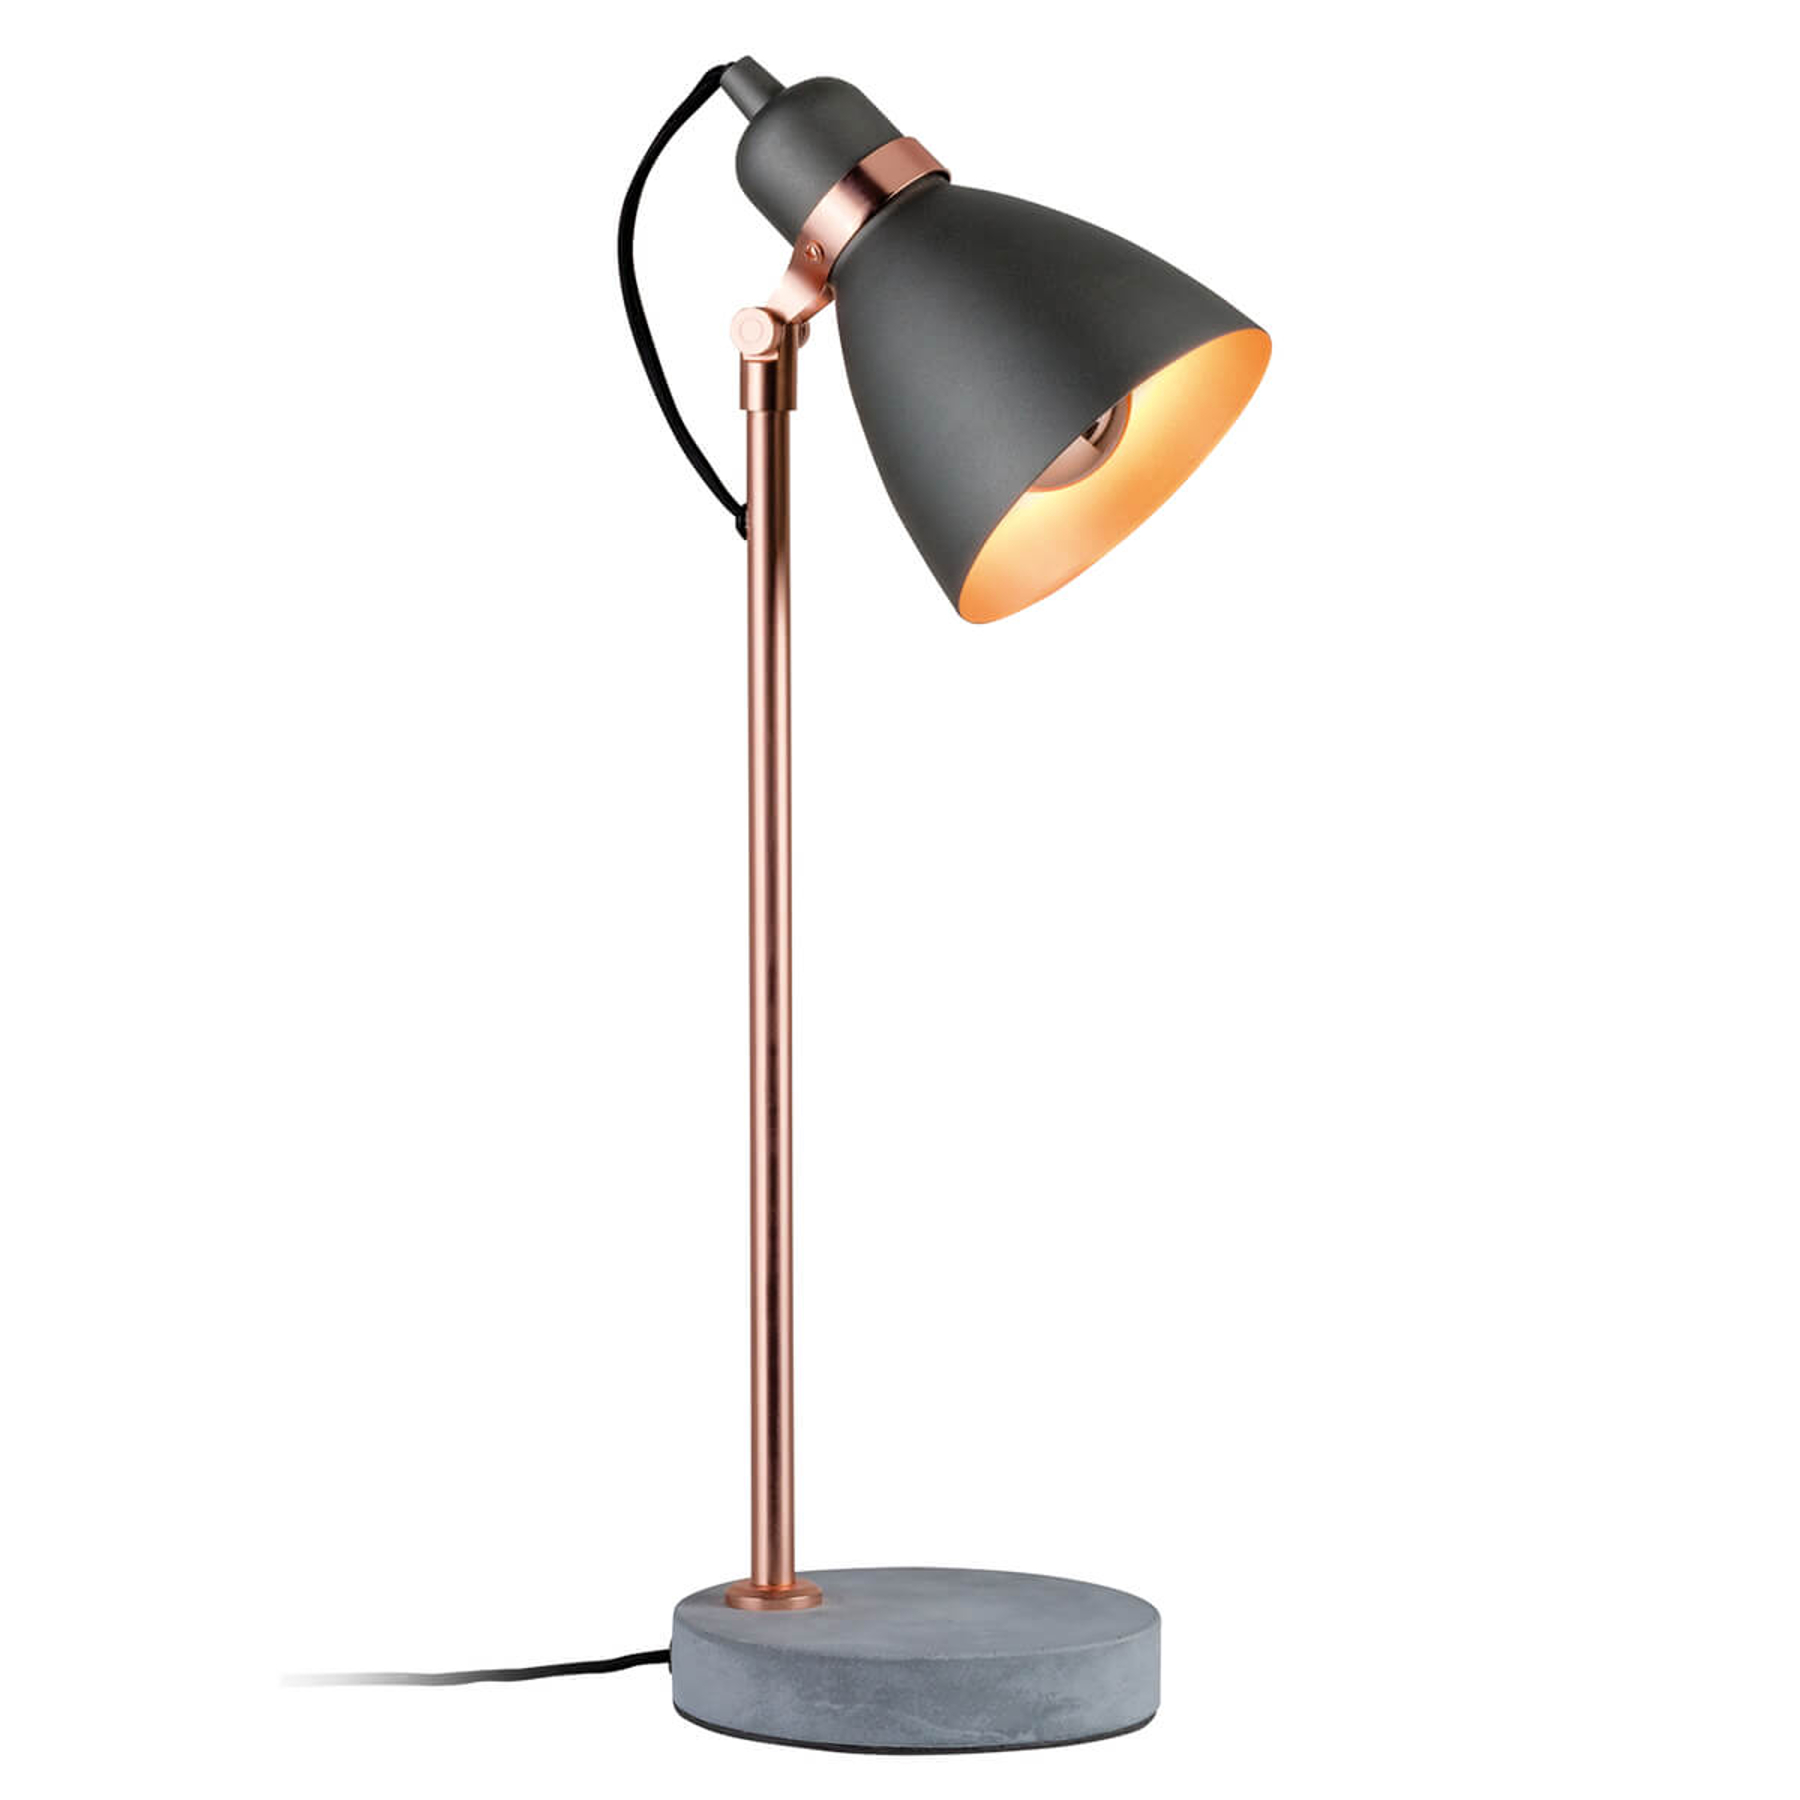 Moderne tafellamp Orm met betonnen voet